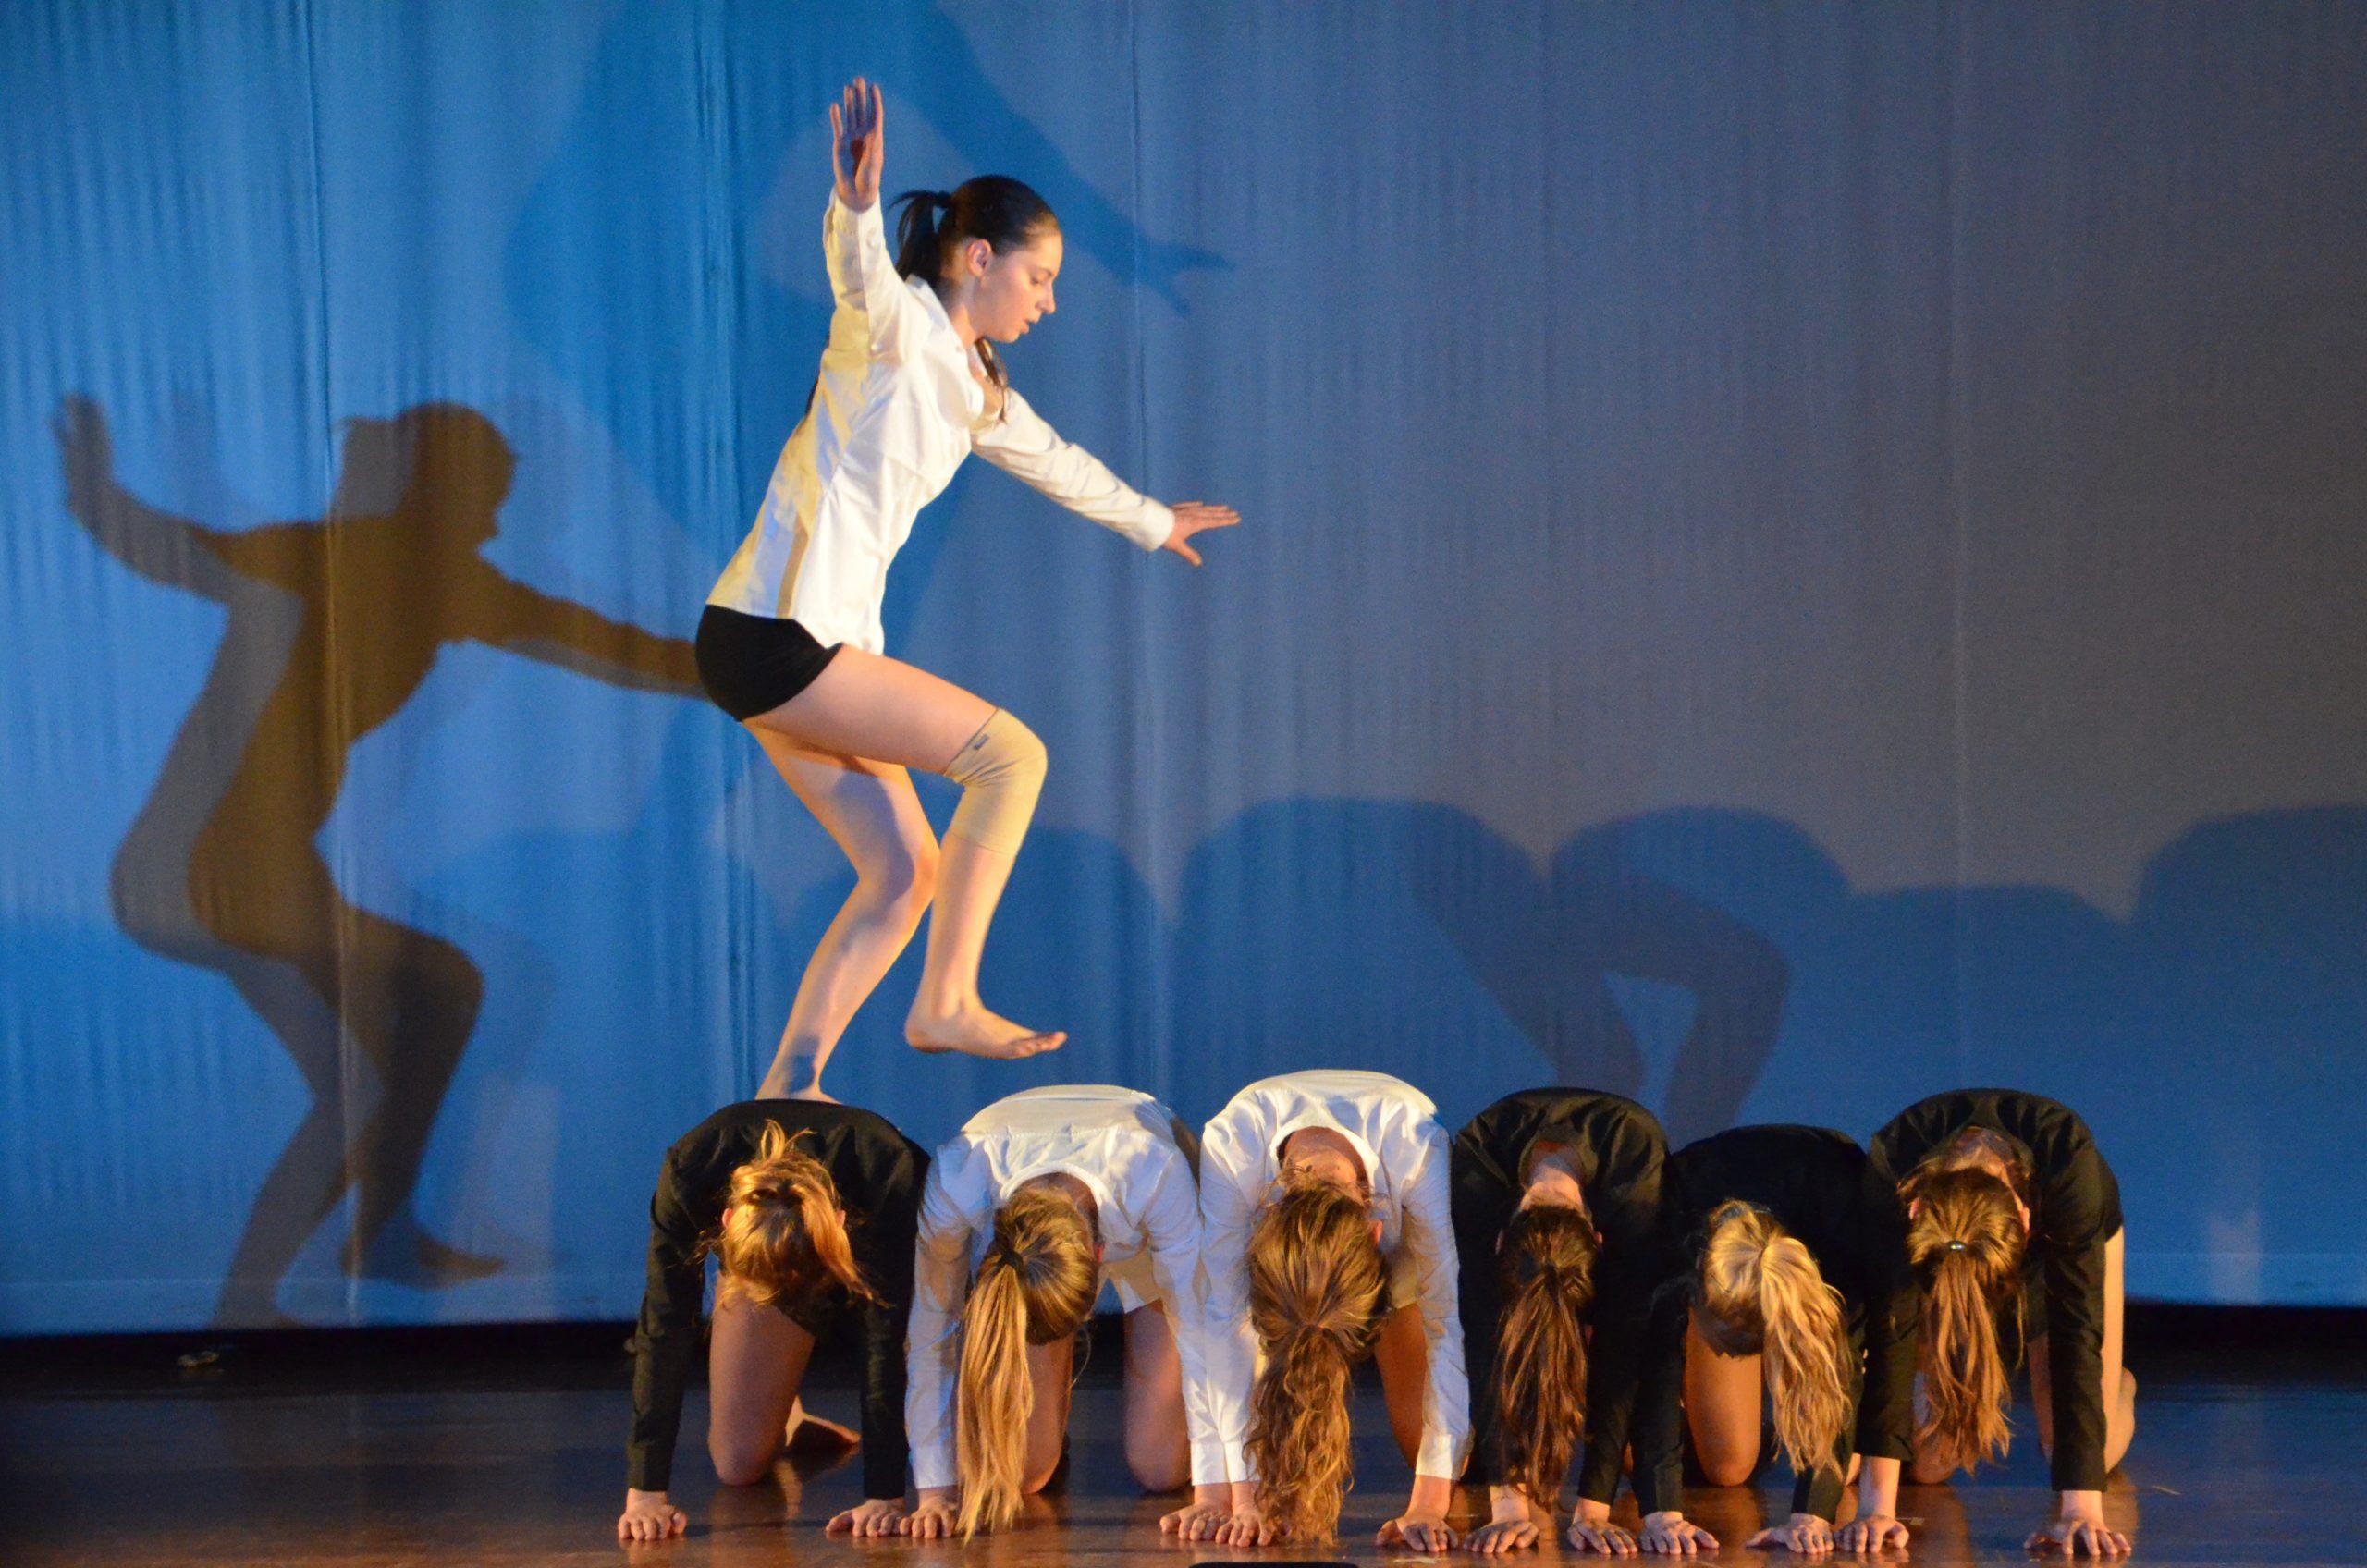 Dansavonden op de Grote Markt – Vzw Puur bestaat 5 jaar!